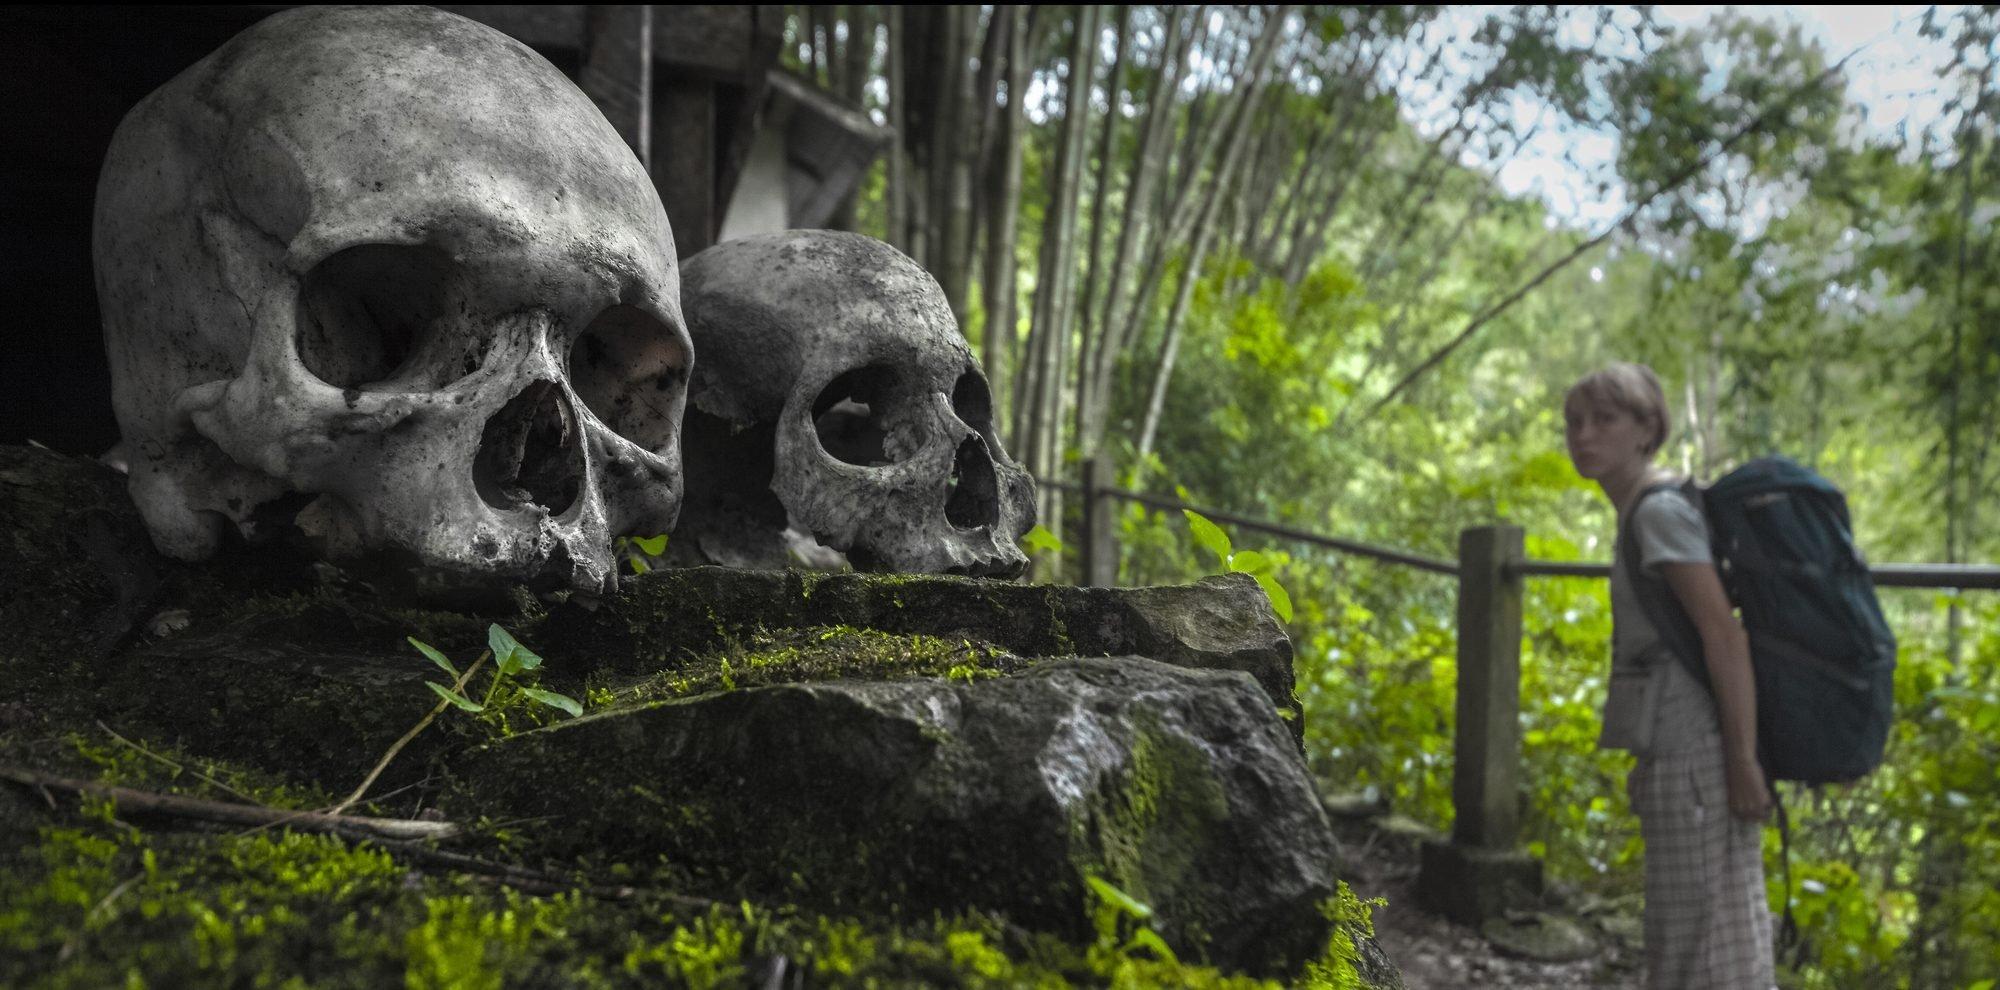 depositphotos 102182064 l 2015 e1515057355105 - En Indonésie, un rituel étrange voit les morts quitter leur tombe tous les 3 ans.